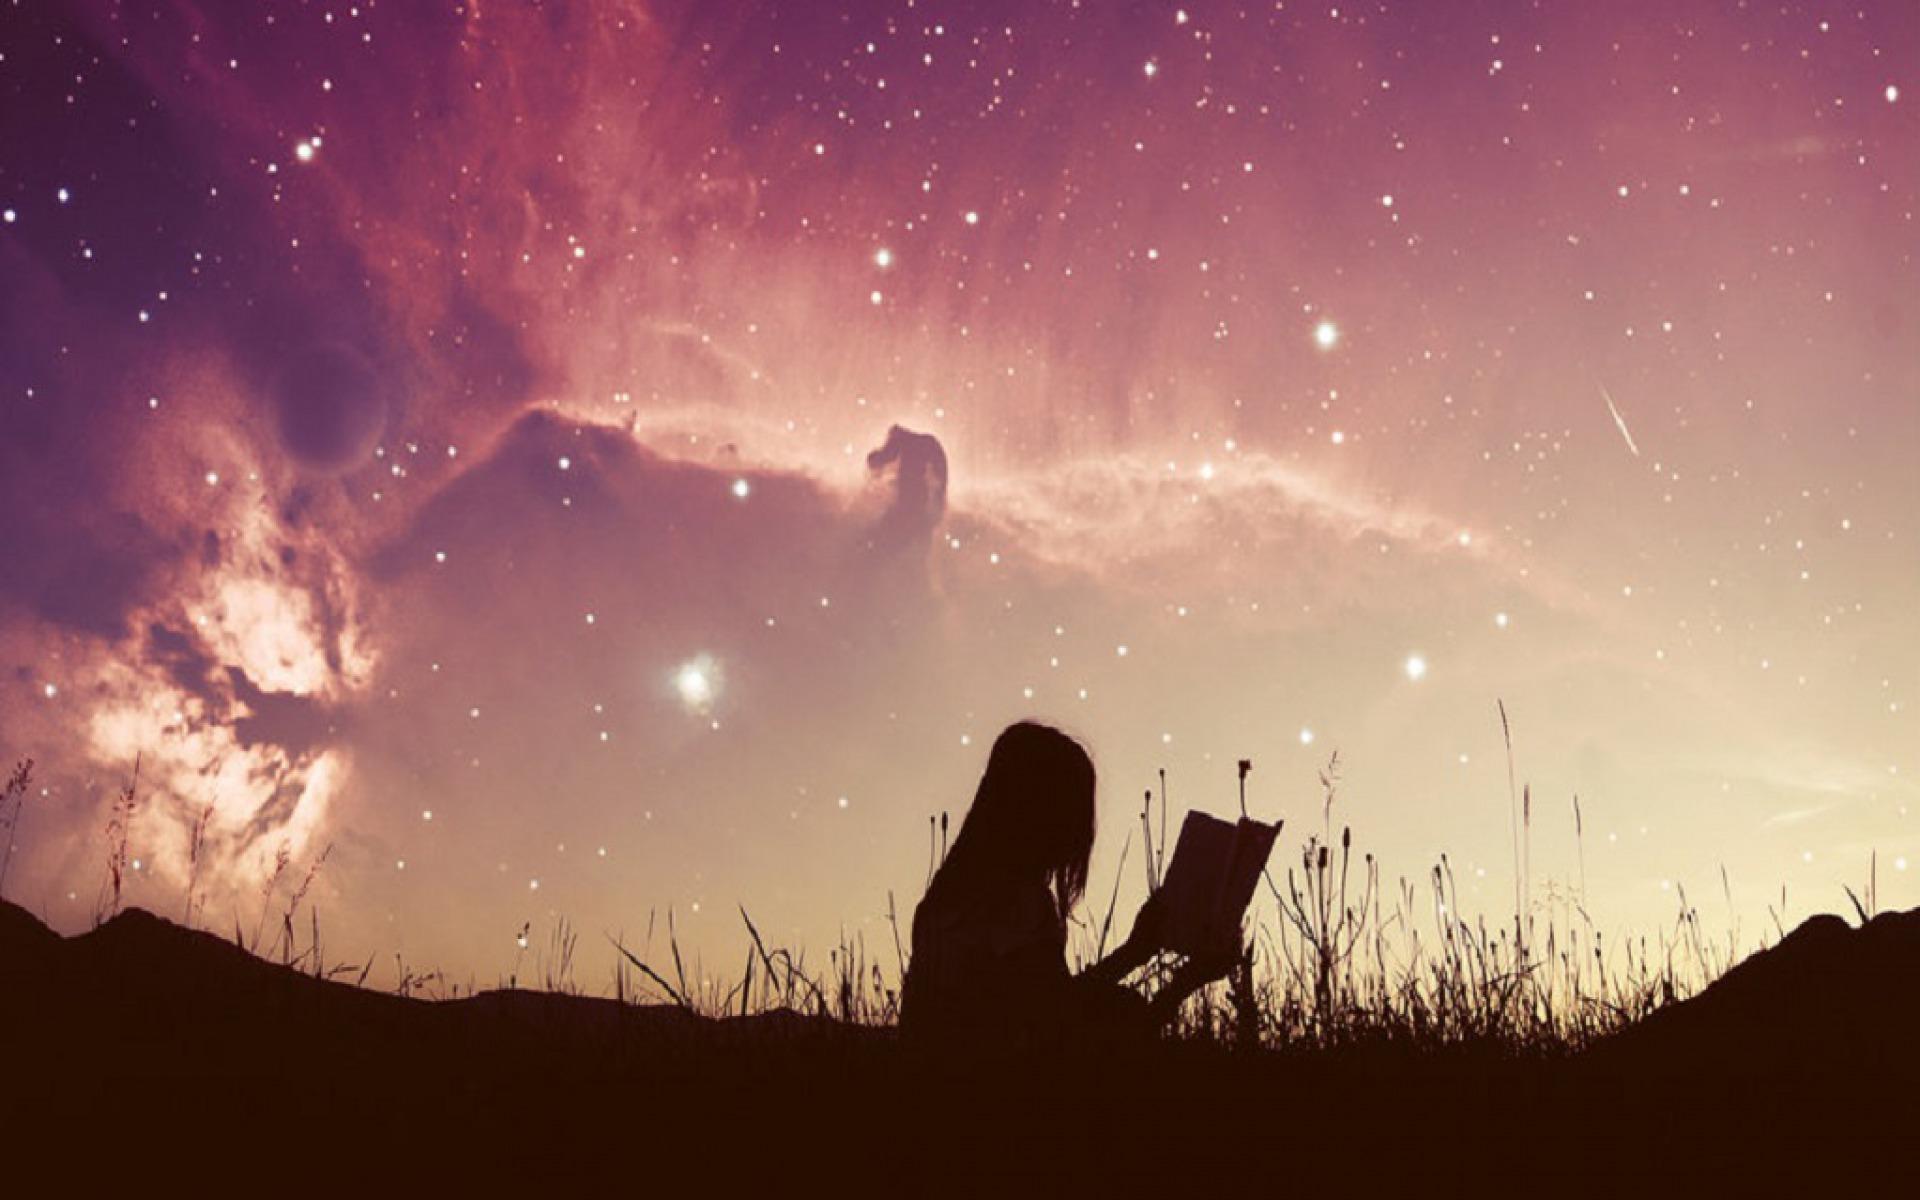 Картинка девушка смотрит в звездное небо